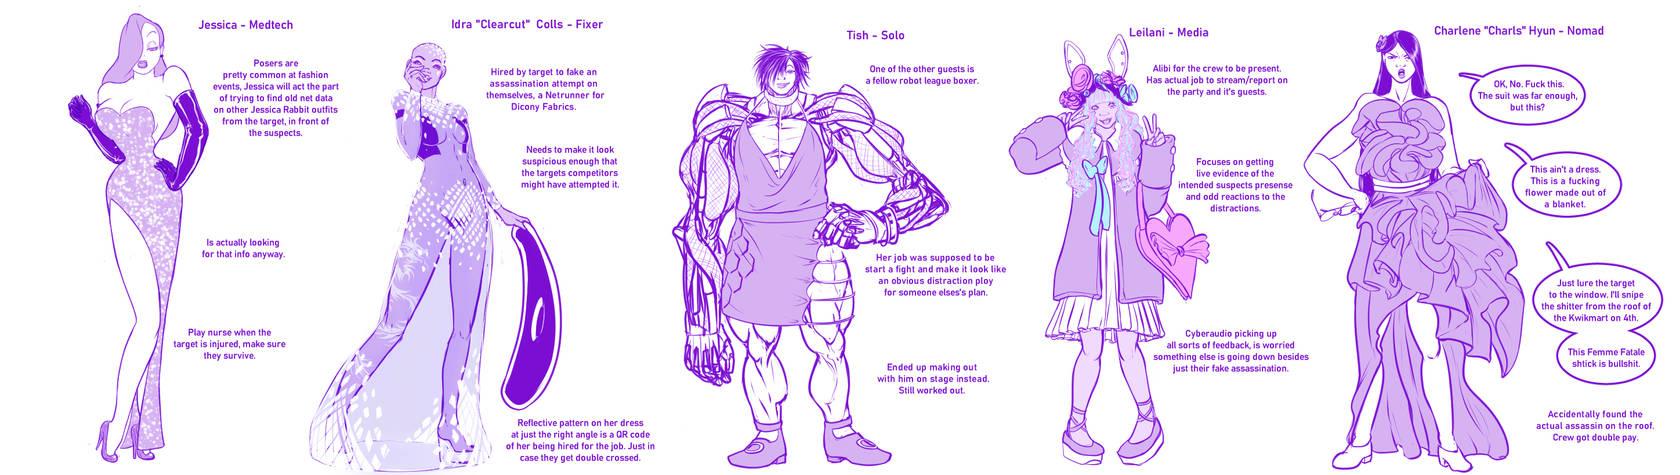 Cyberpunk 2020 Crew High Fashion